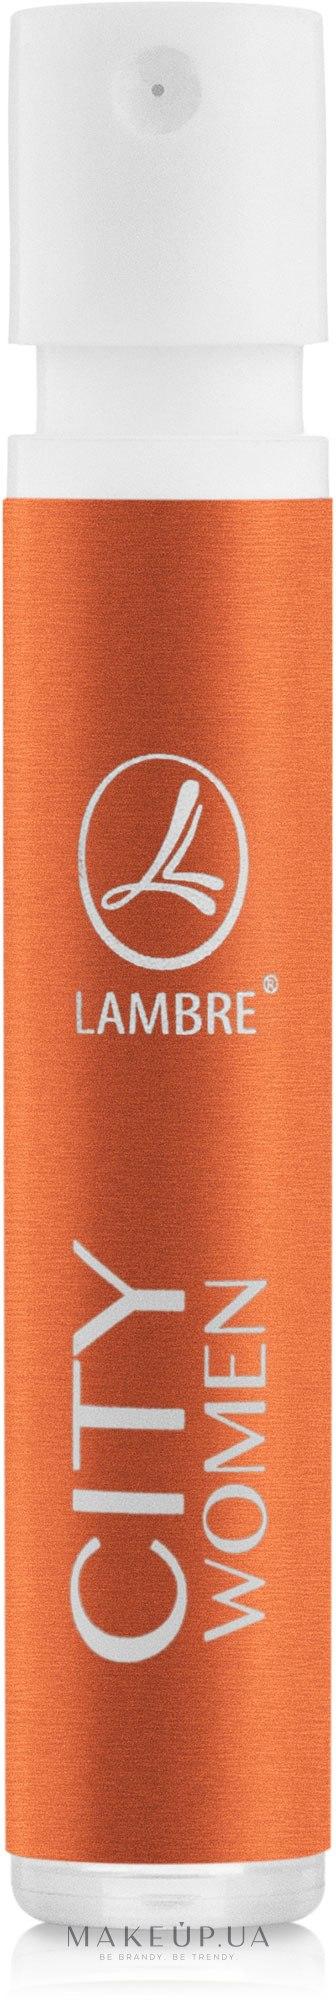 Lambre City - Парфюмированная вода (пробник) — фото 1.2ml